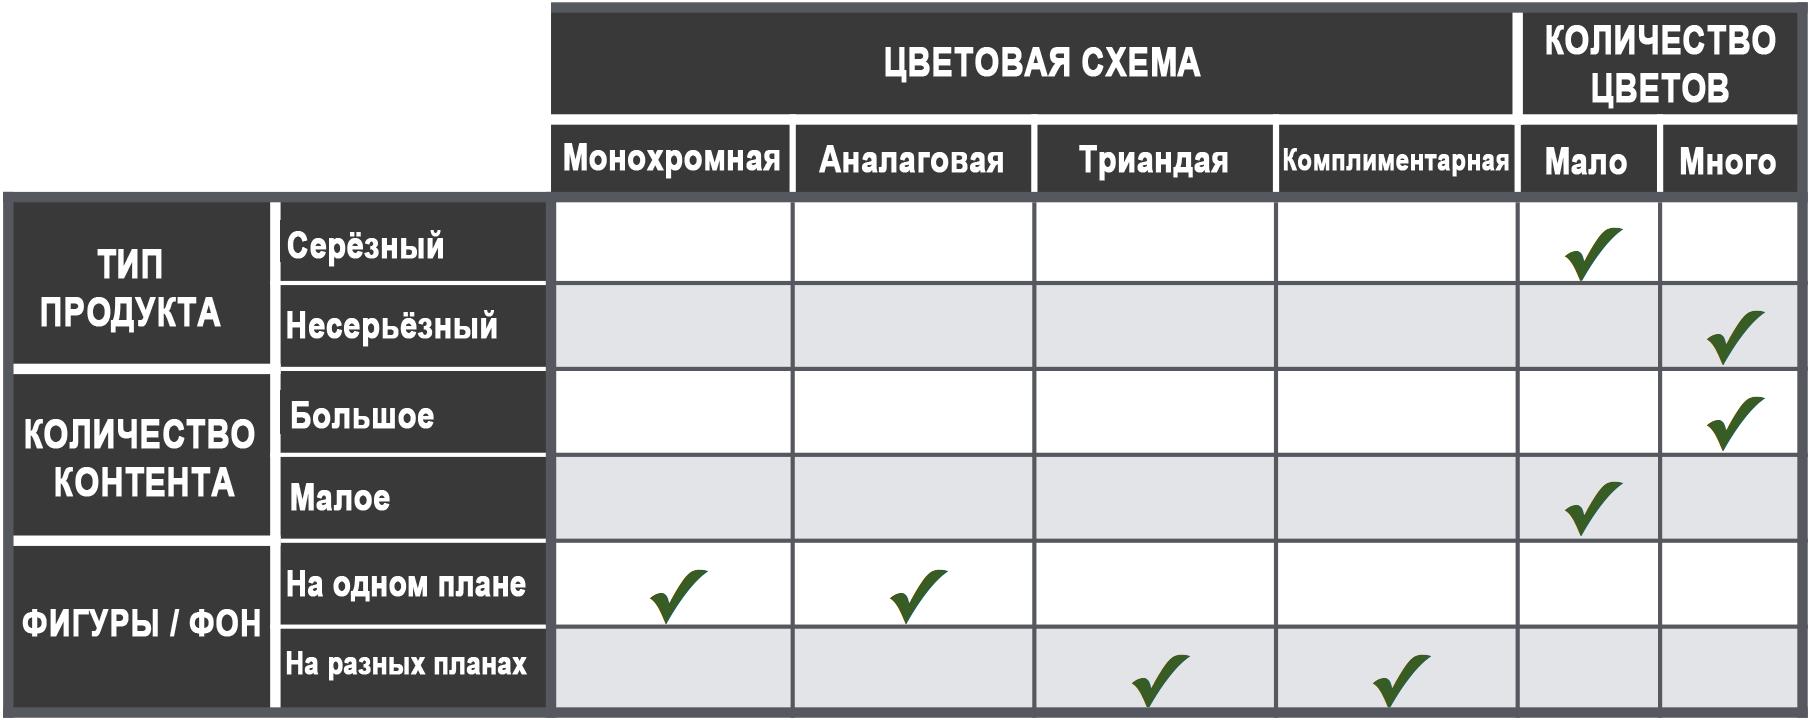 Таблица выбора цветовой схемы